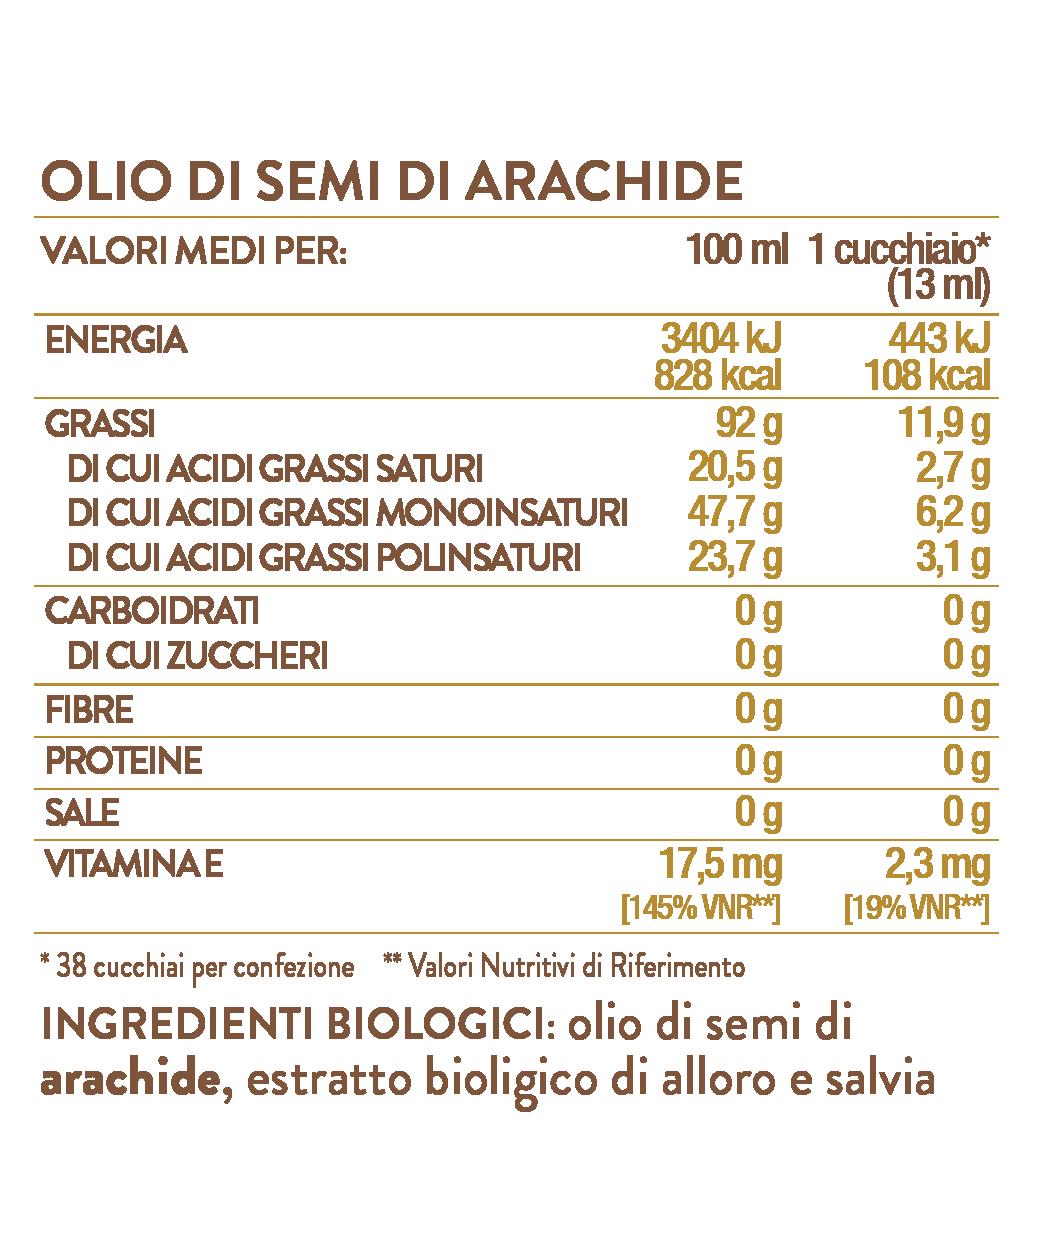 TABELLE NUTRIZIONALI WEB_ARACHIDE